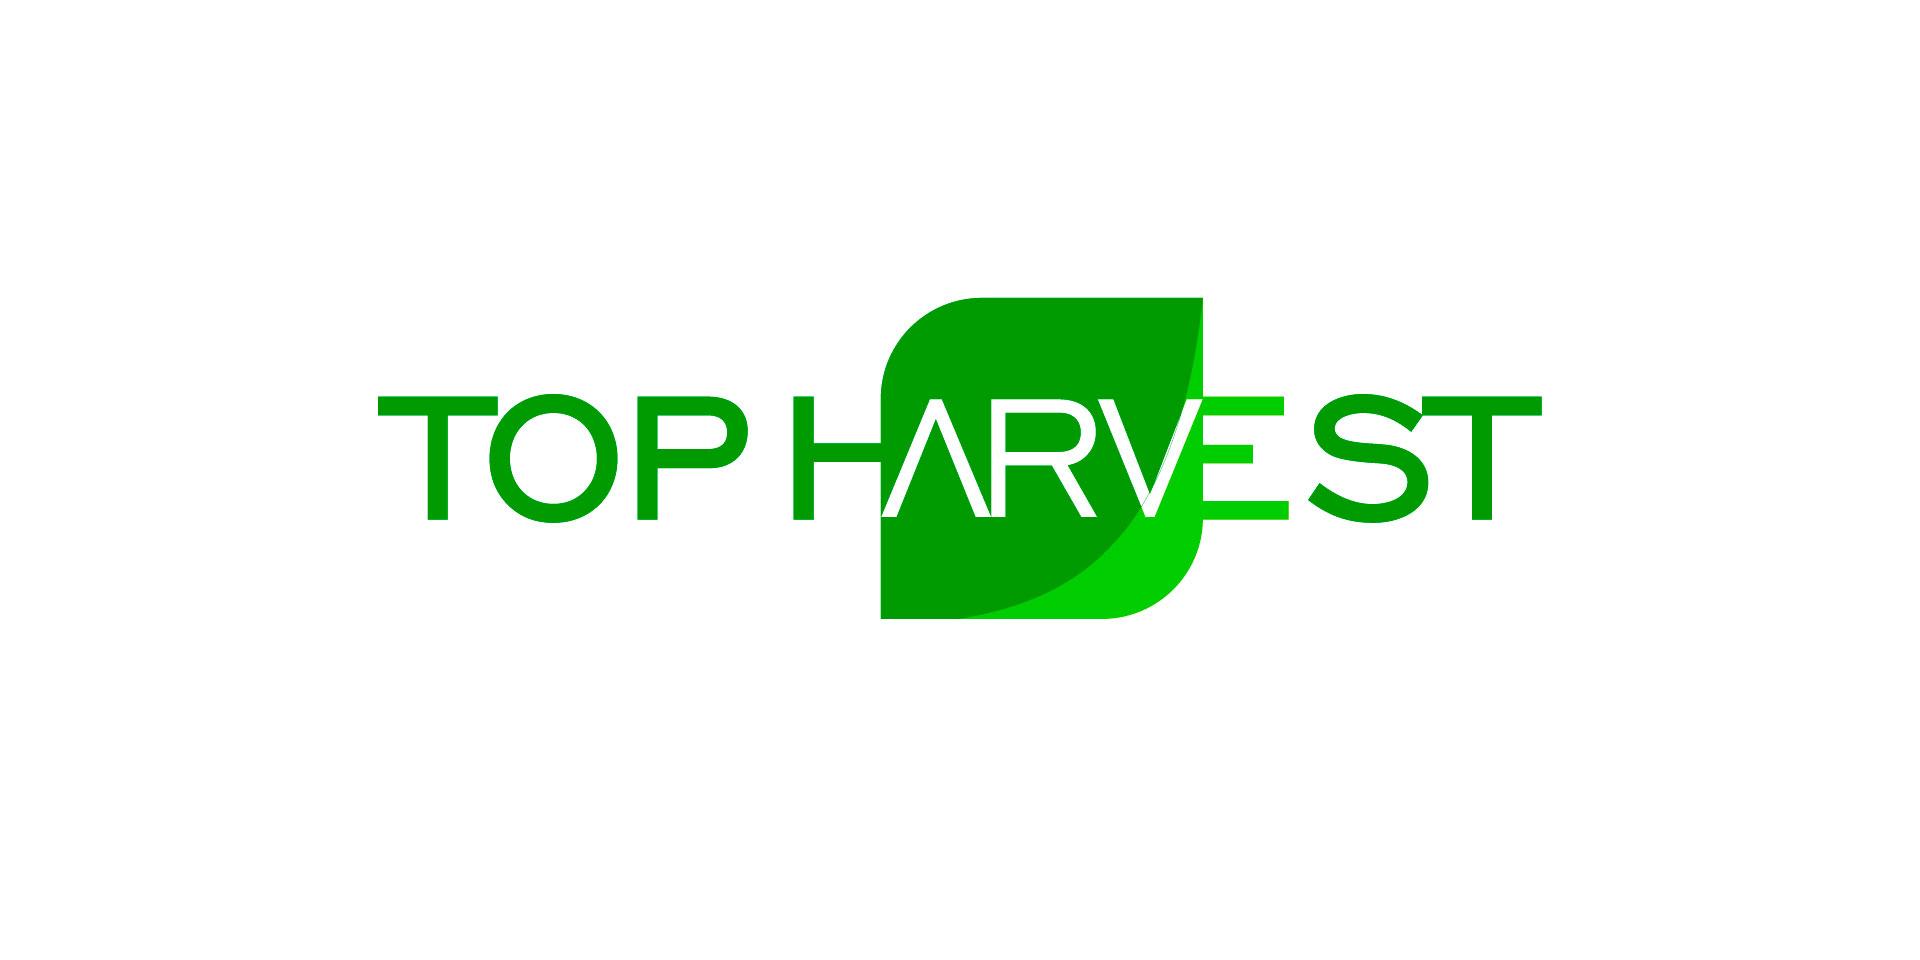 TopHarvest